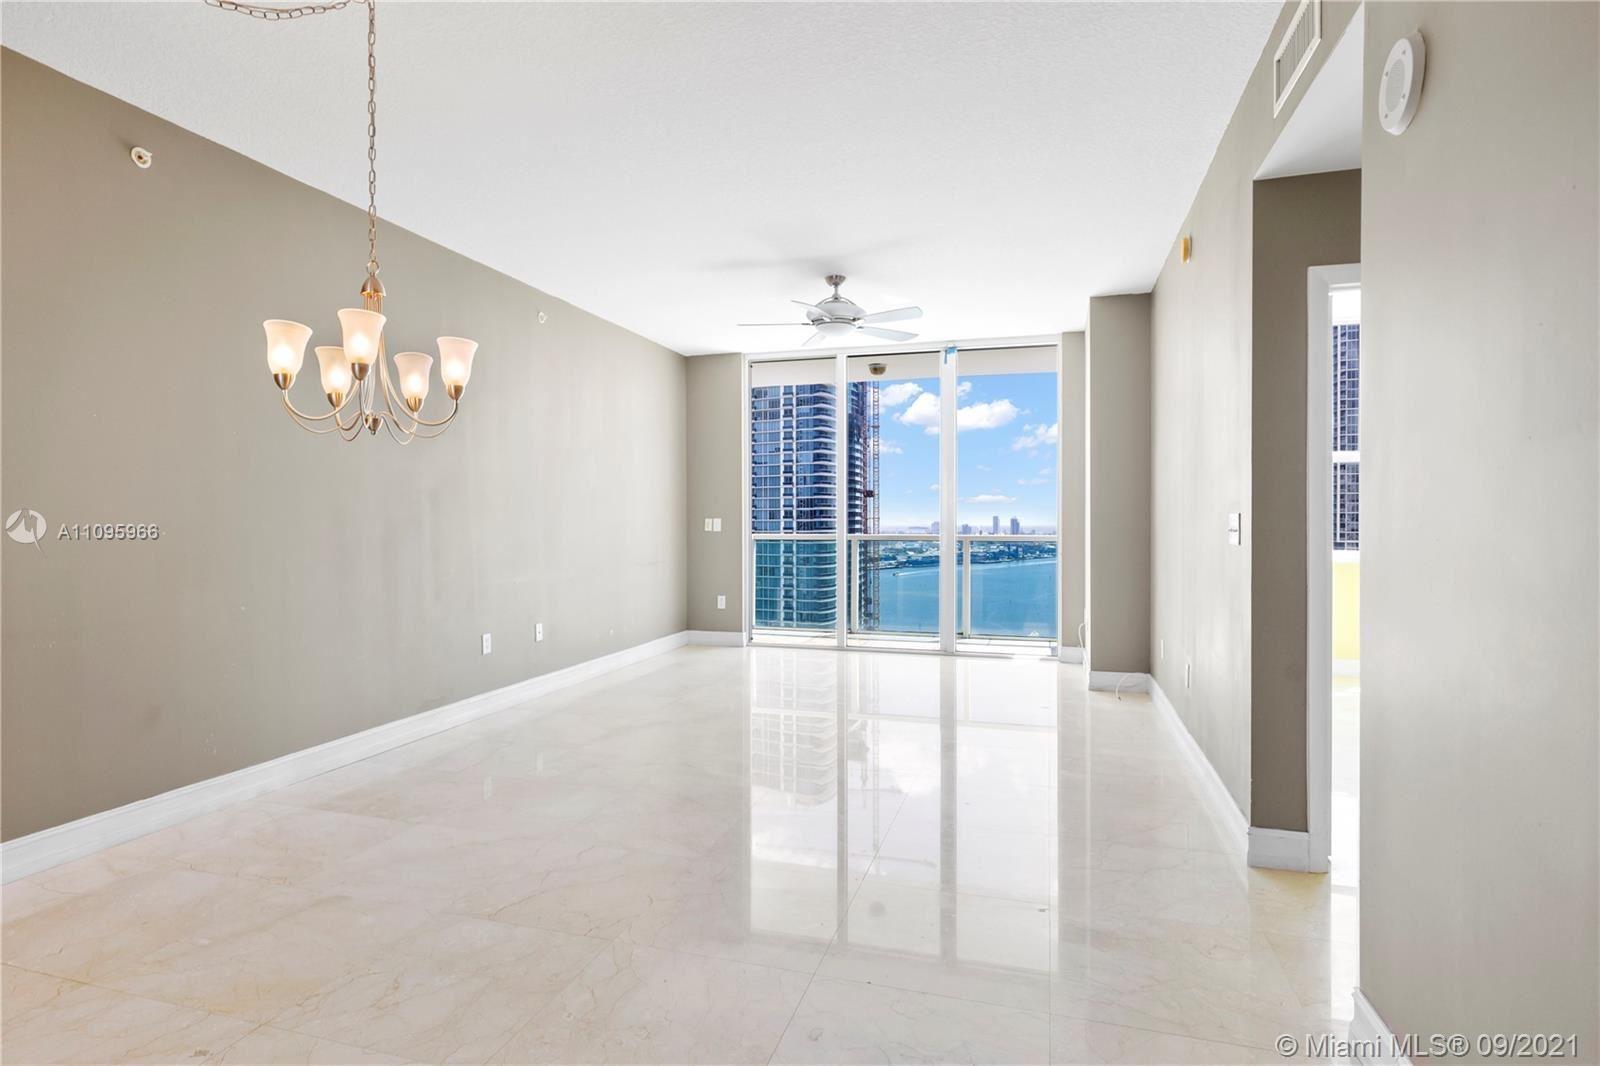 31 SE 5th St #3514, Miami, FL 33131 - #: A11095966